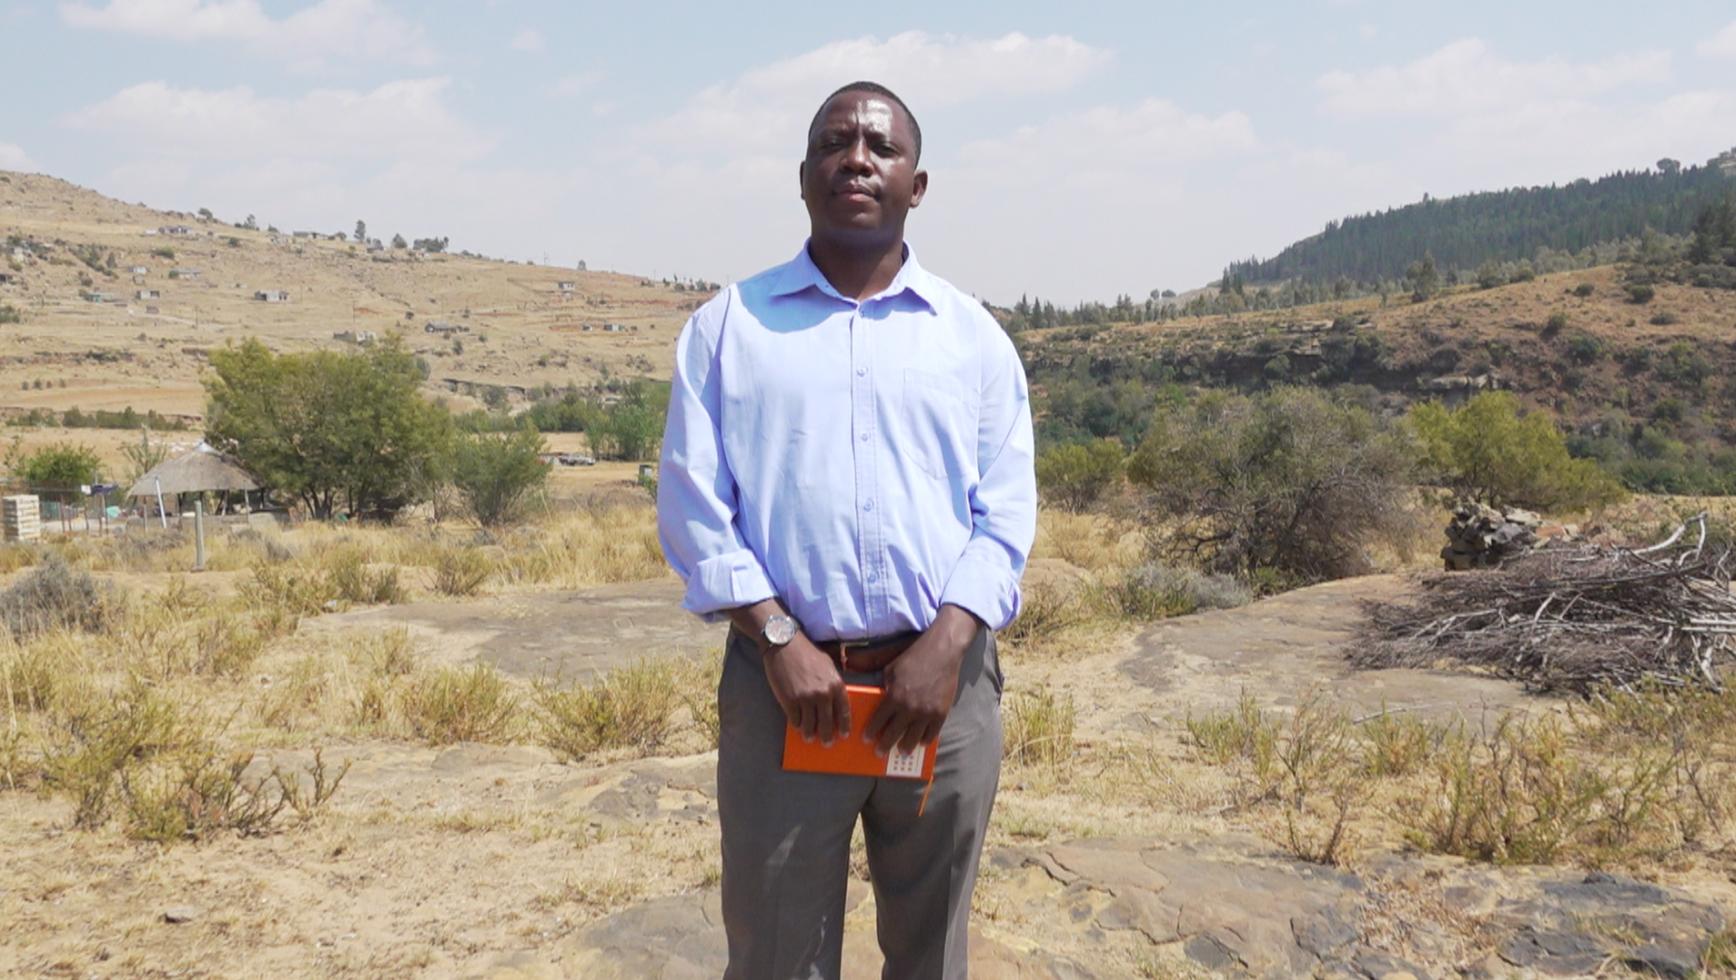 تلالي ماتيلا يساعد في إدارة خدمات تنظيم الأسرة في ليسوتو